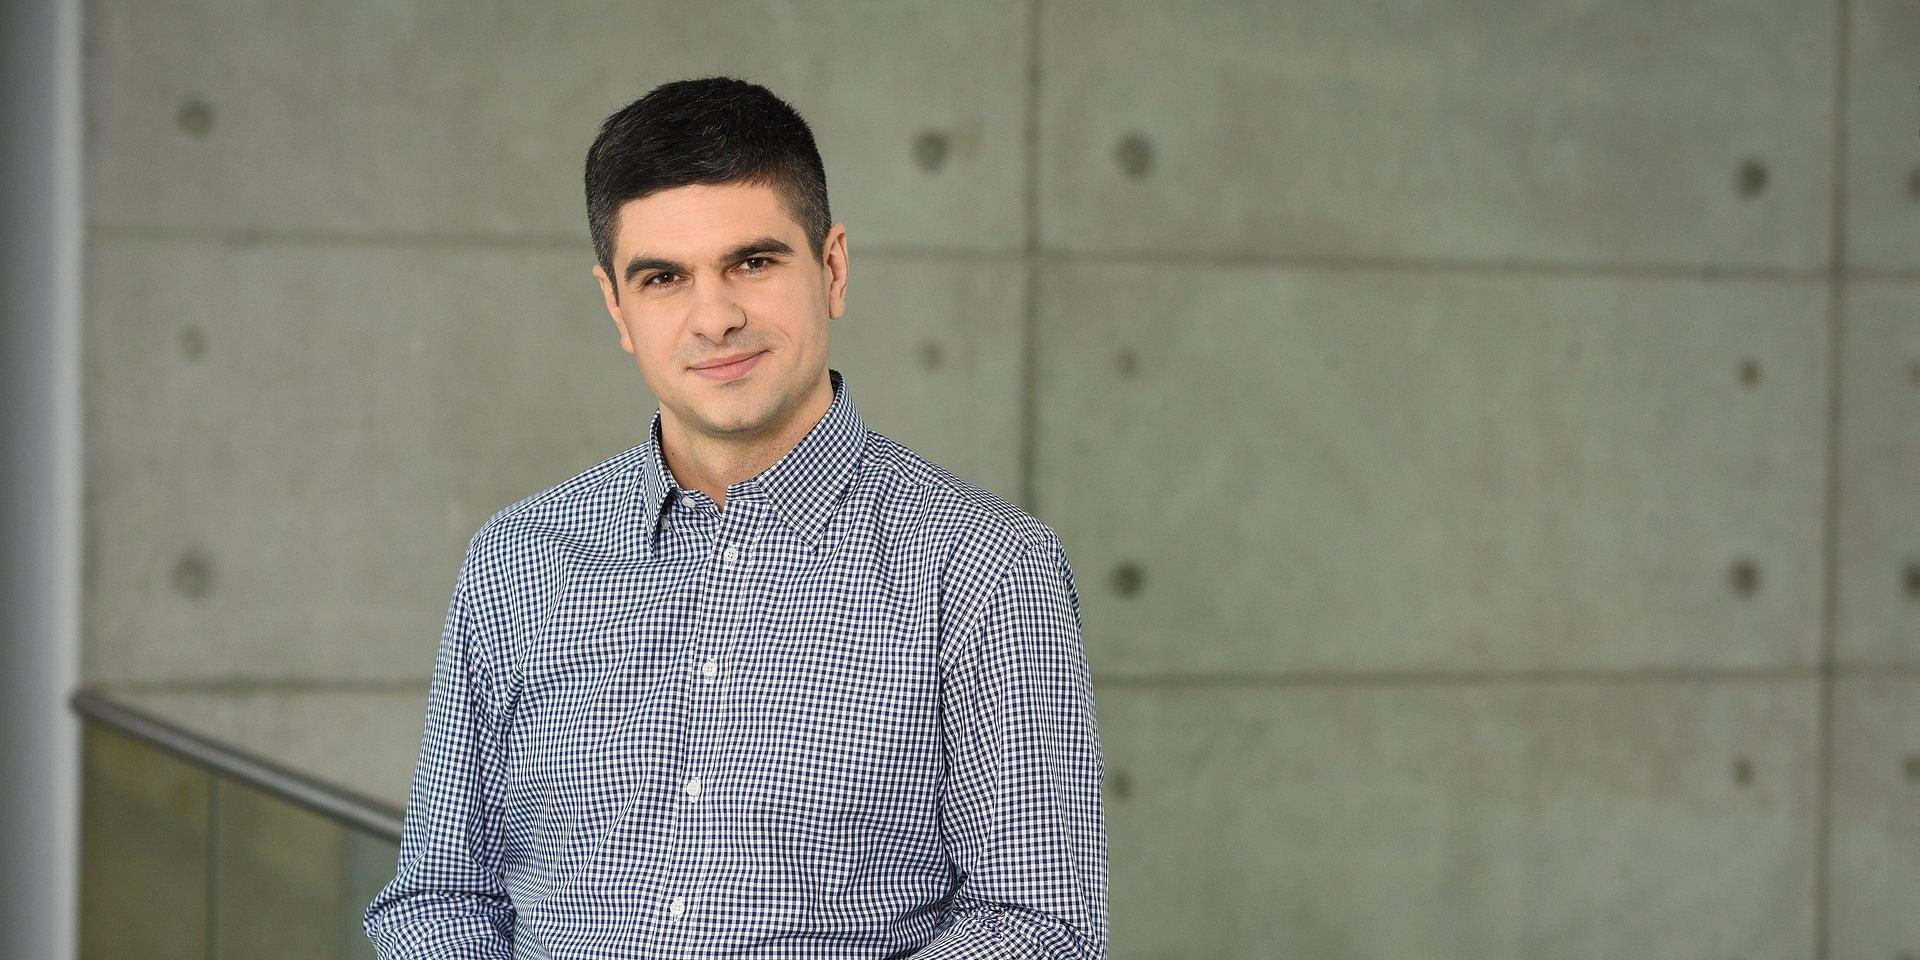 optymalizacja procesów biznesowych: Mariusz Szymocha